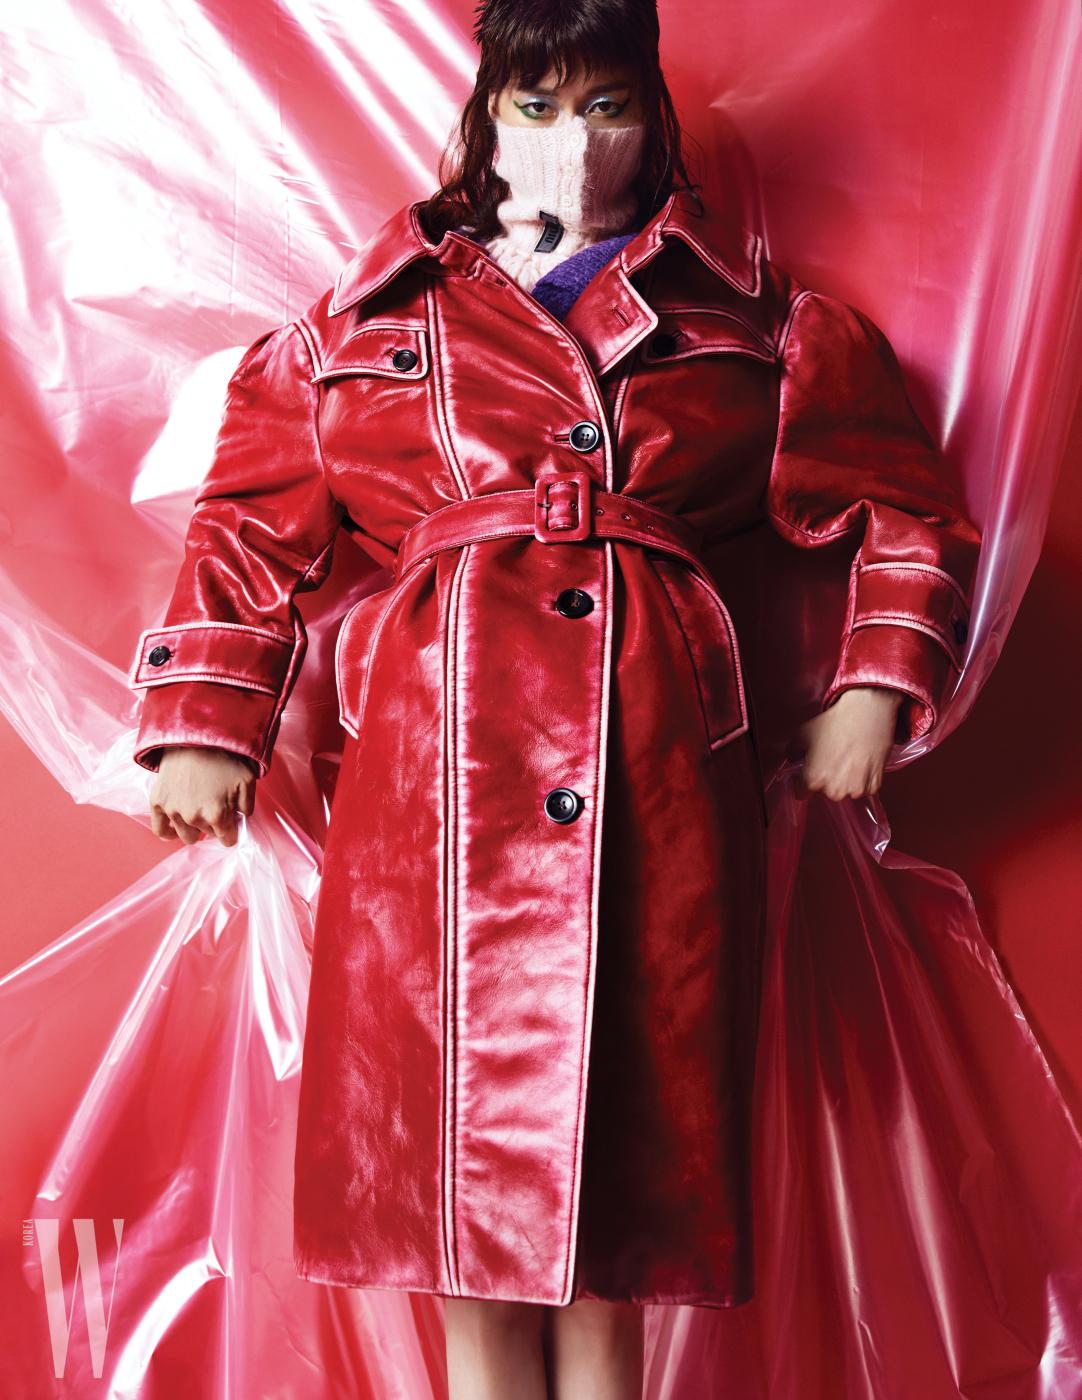 레트로 터치를 더한 강렬한 붉은색의 가죽 트렌치코트, 니트 소재의 로고 장식 넥워머와 톱은 모두 Miu Miu 제품.